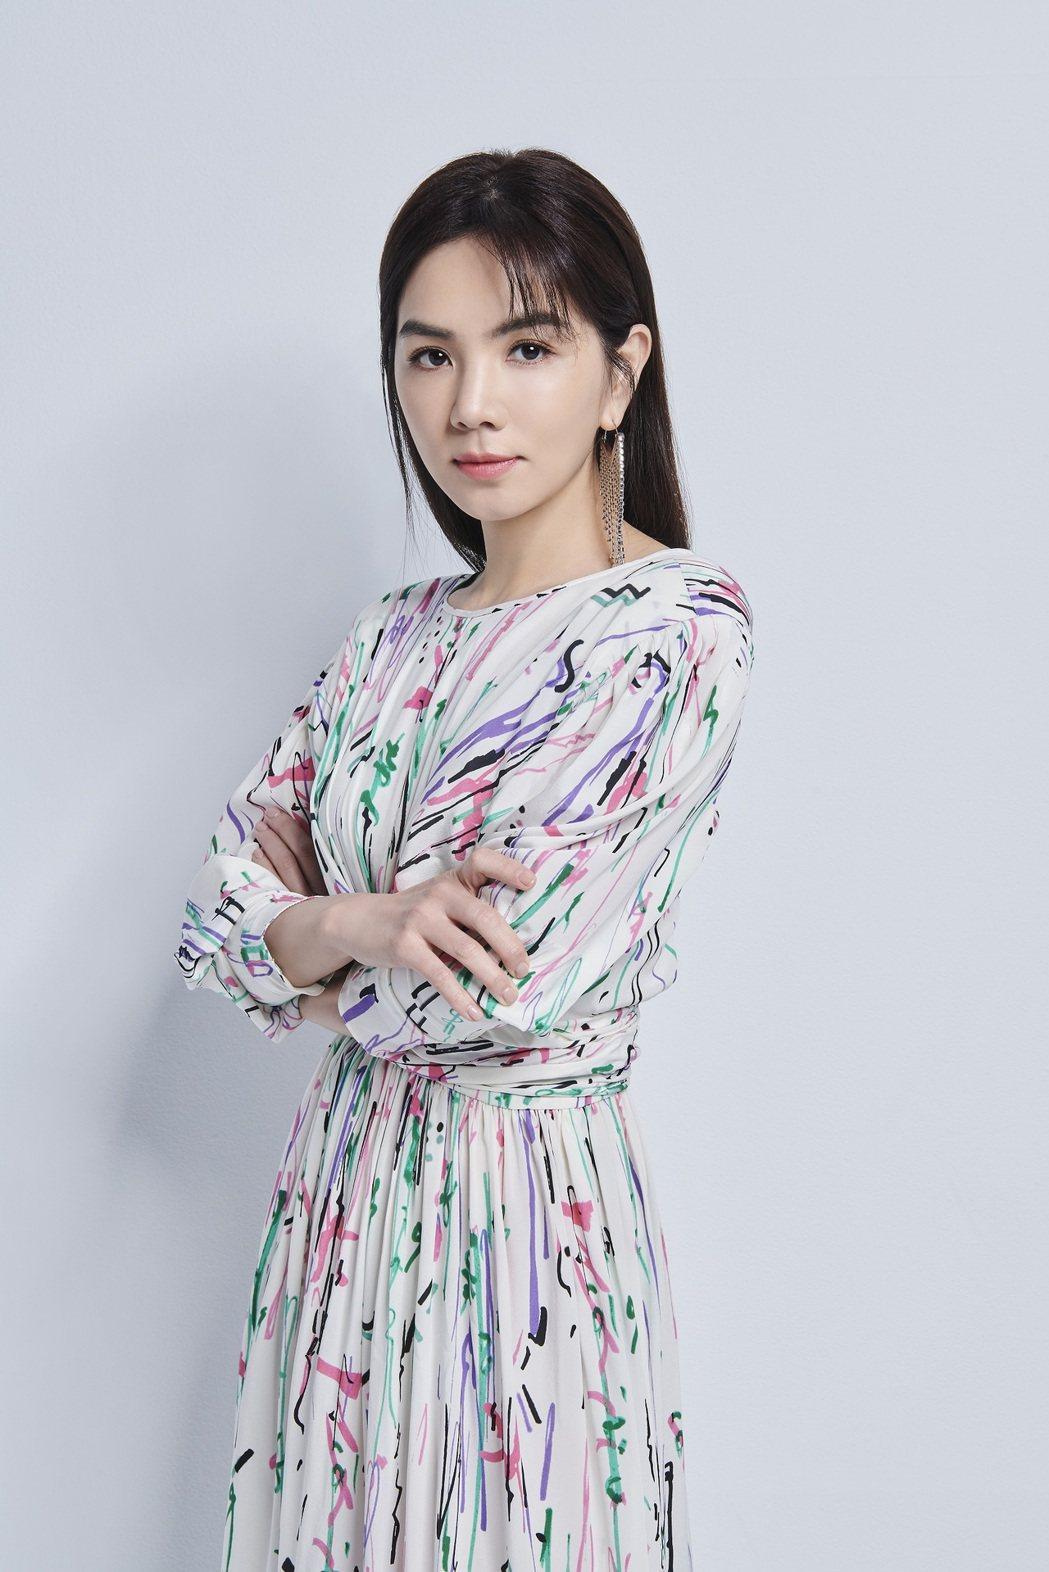 《2021超級巨星紅白藝能大賞》卡司-ELLA陳嘉樺(圖/台視提供)